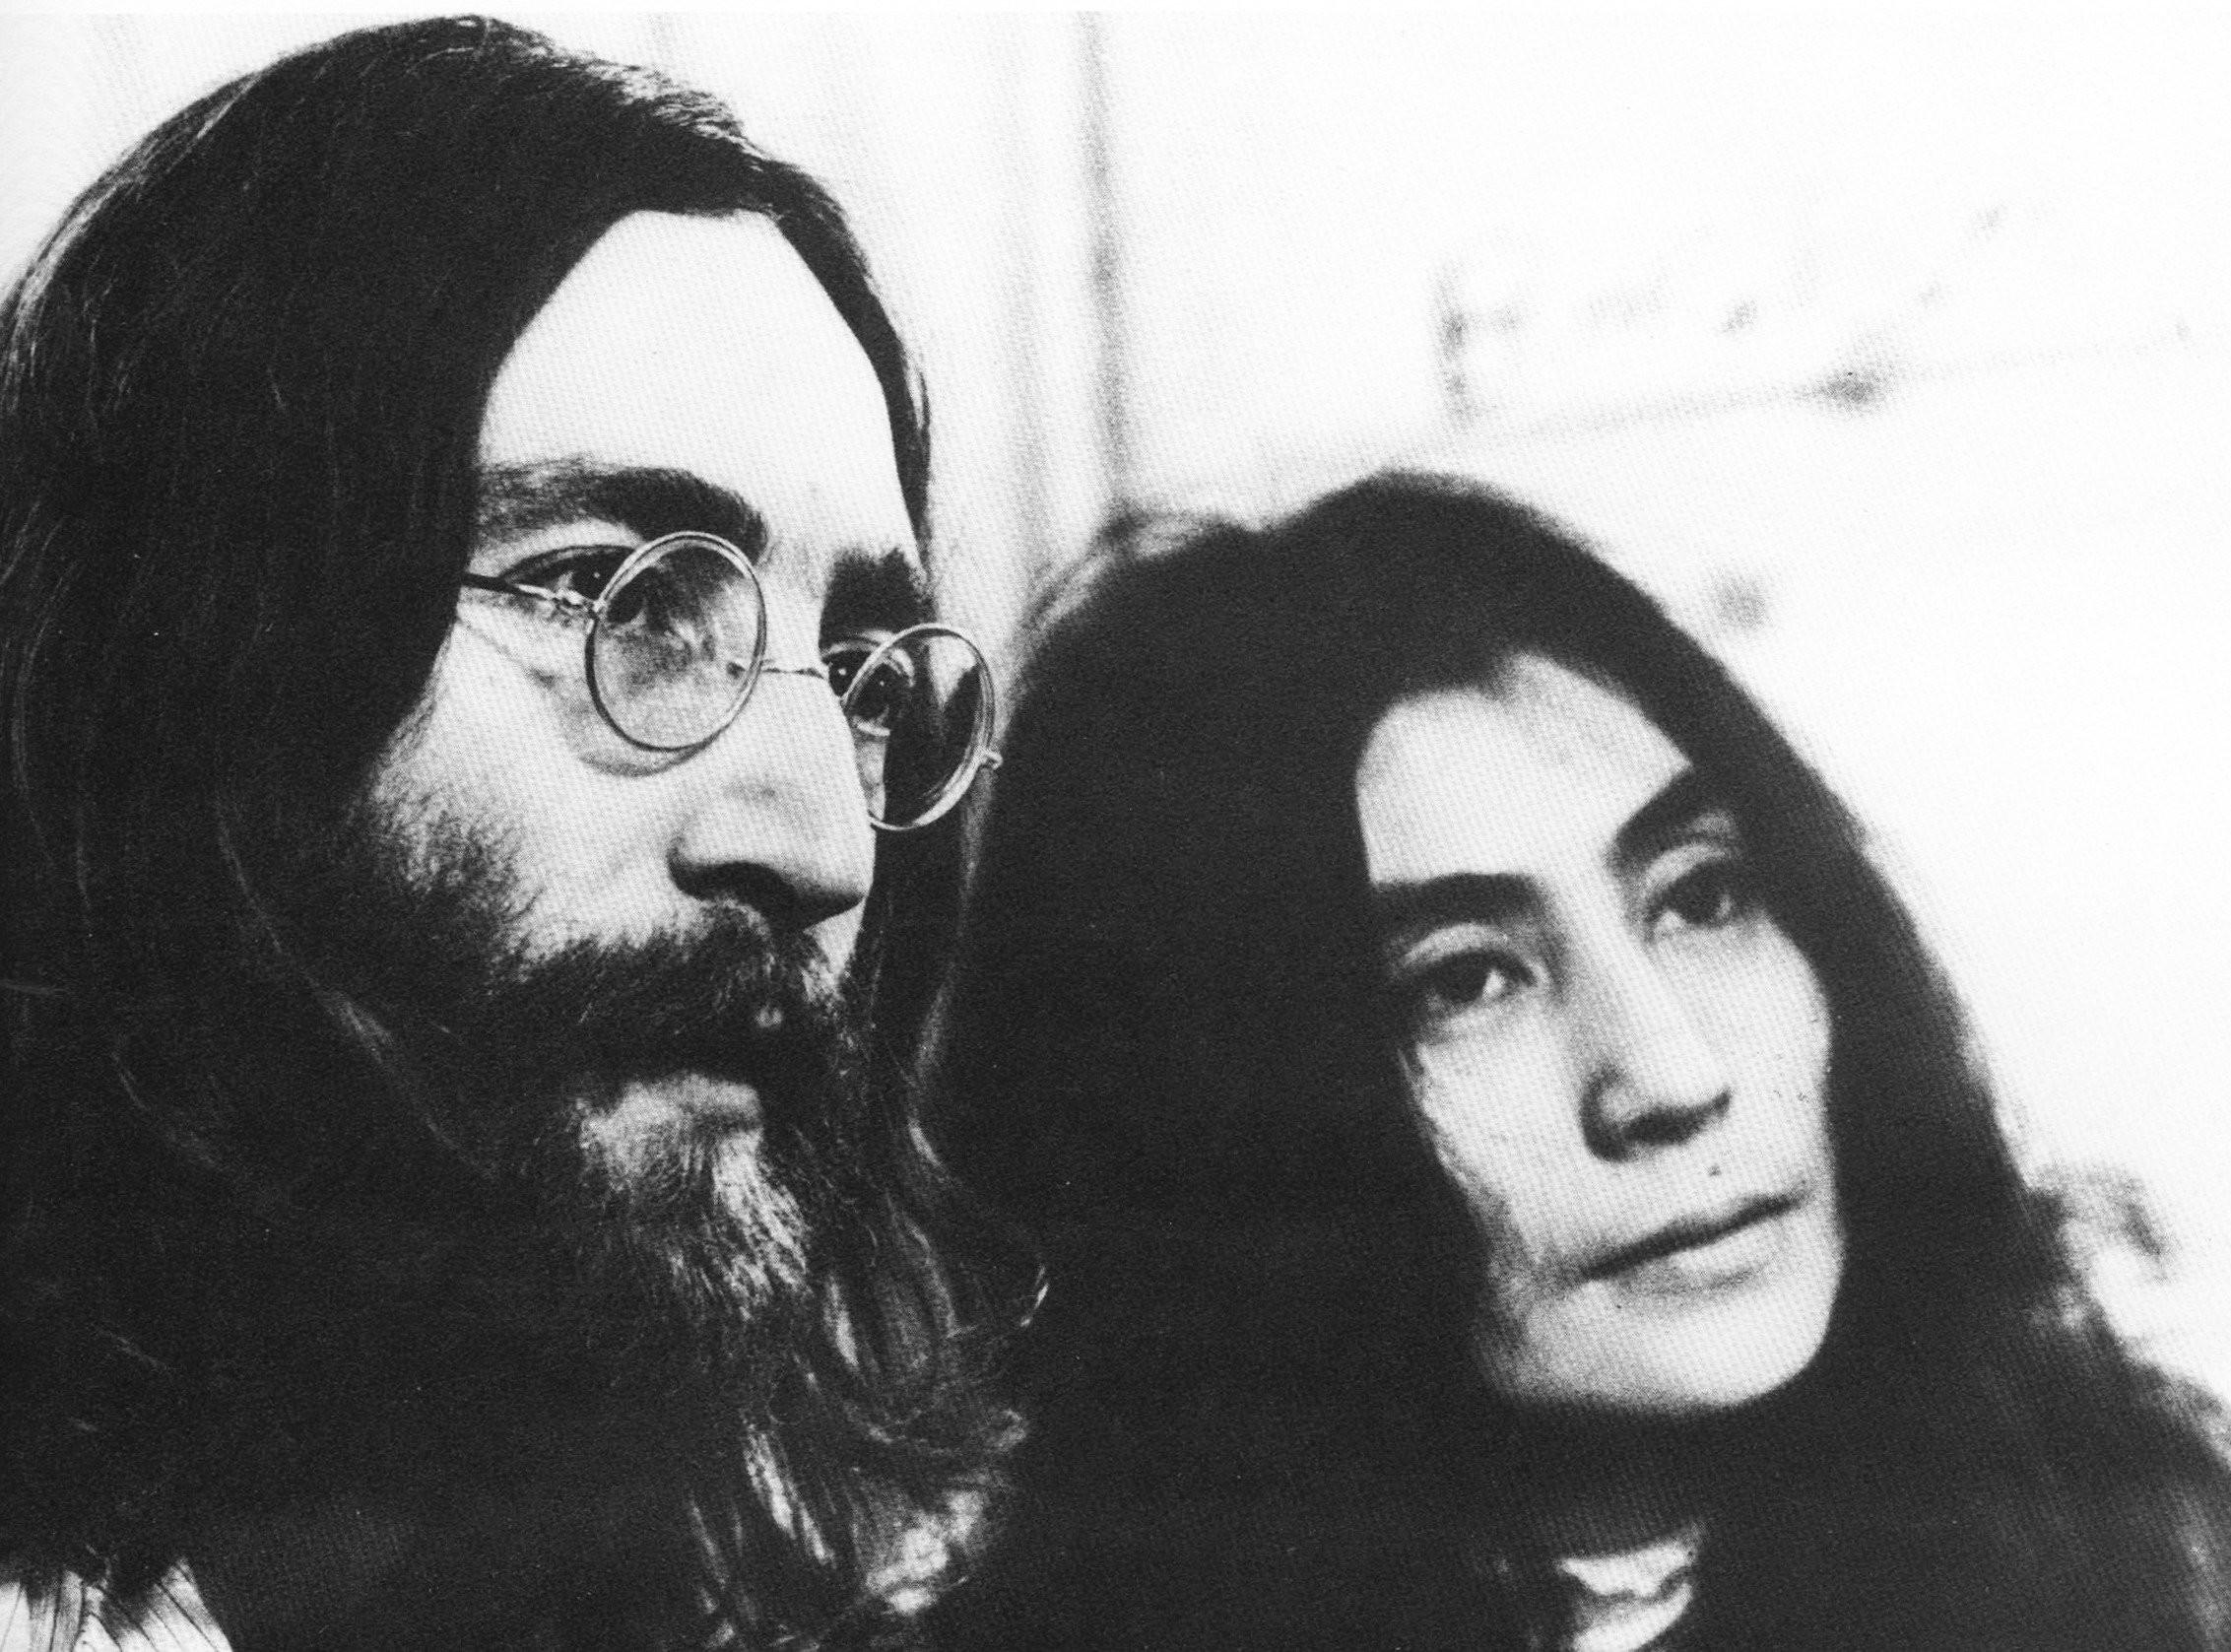 John Lennon wallpapers